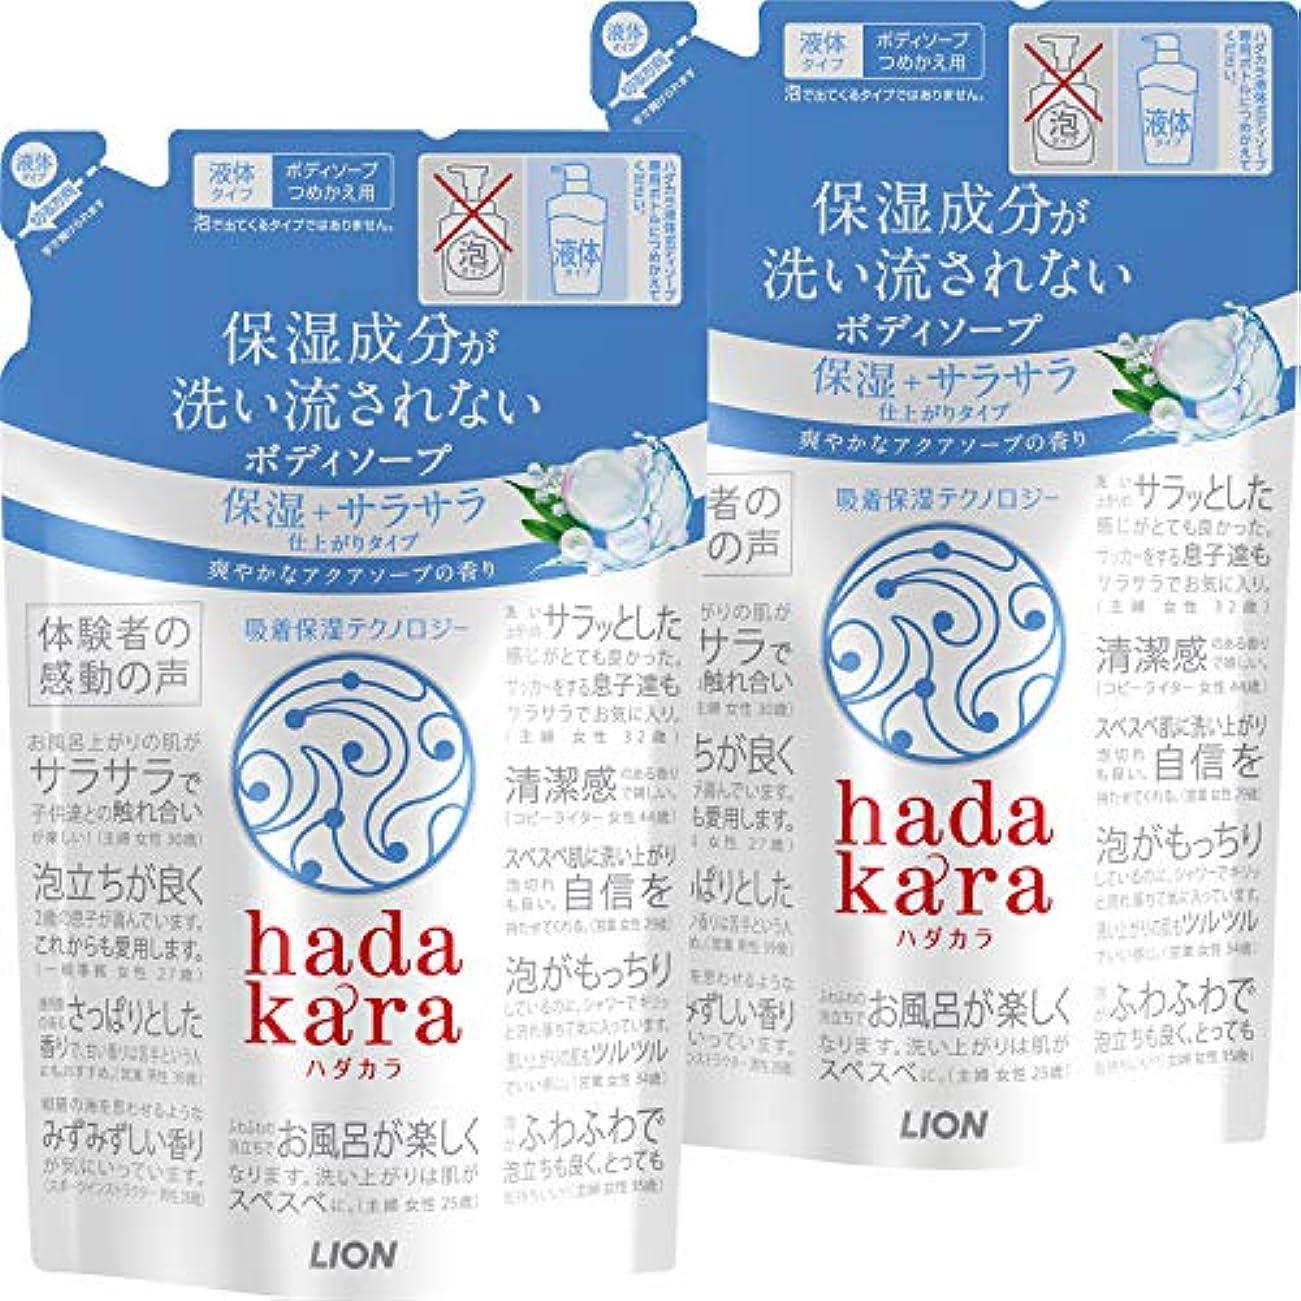 ズームインする反逆怖がって死ぬhadakara(ハダカラ)ボディソープ 保湿+サラサラ仕上がりタイプ アクアソープの香り つめかえ用 340ml×2個パック